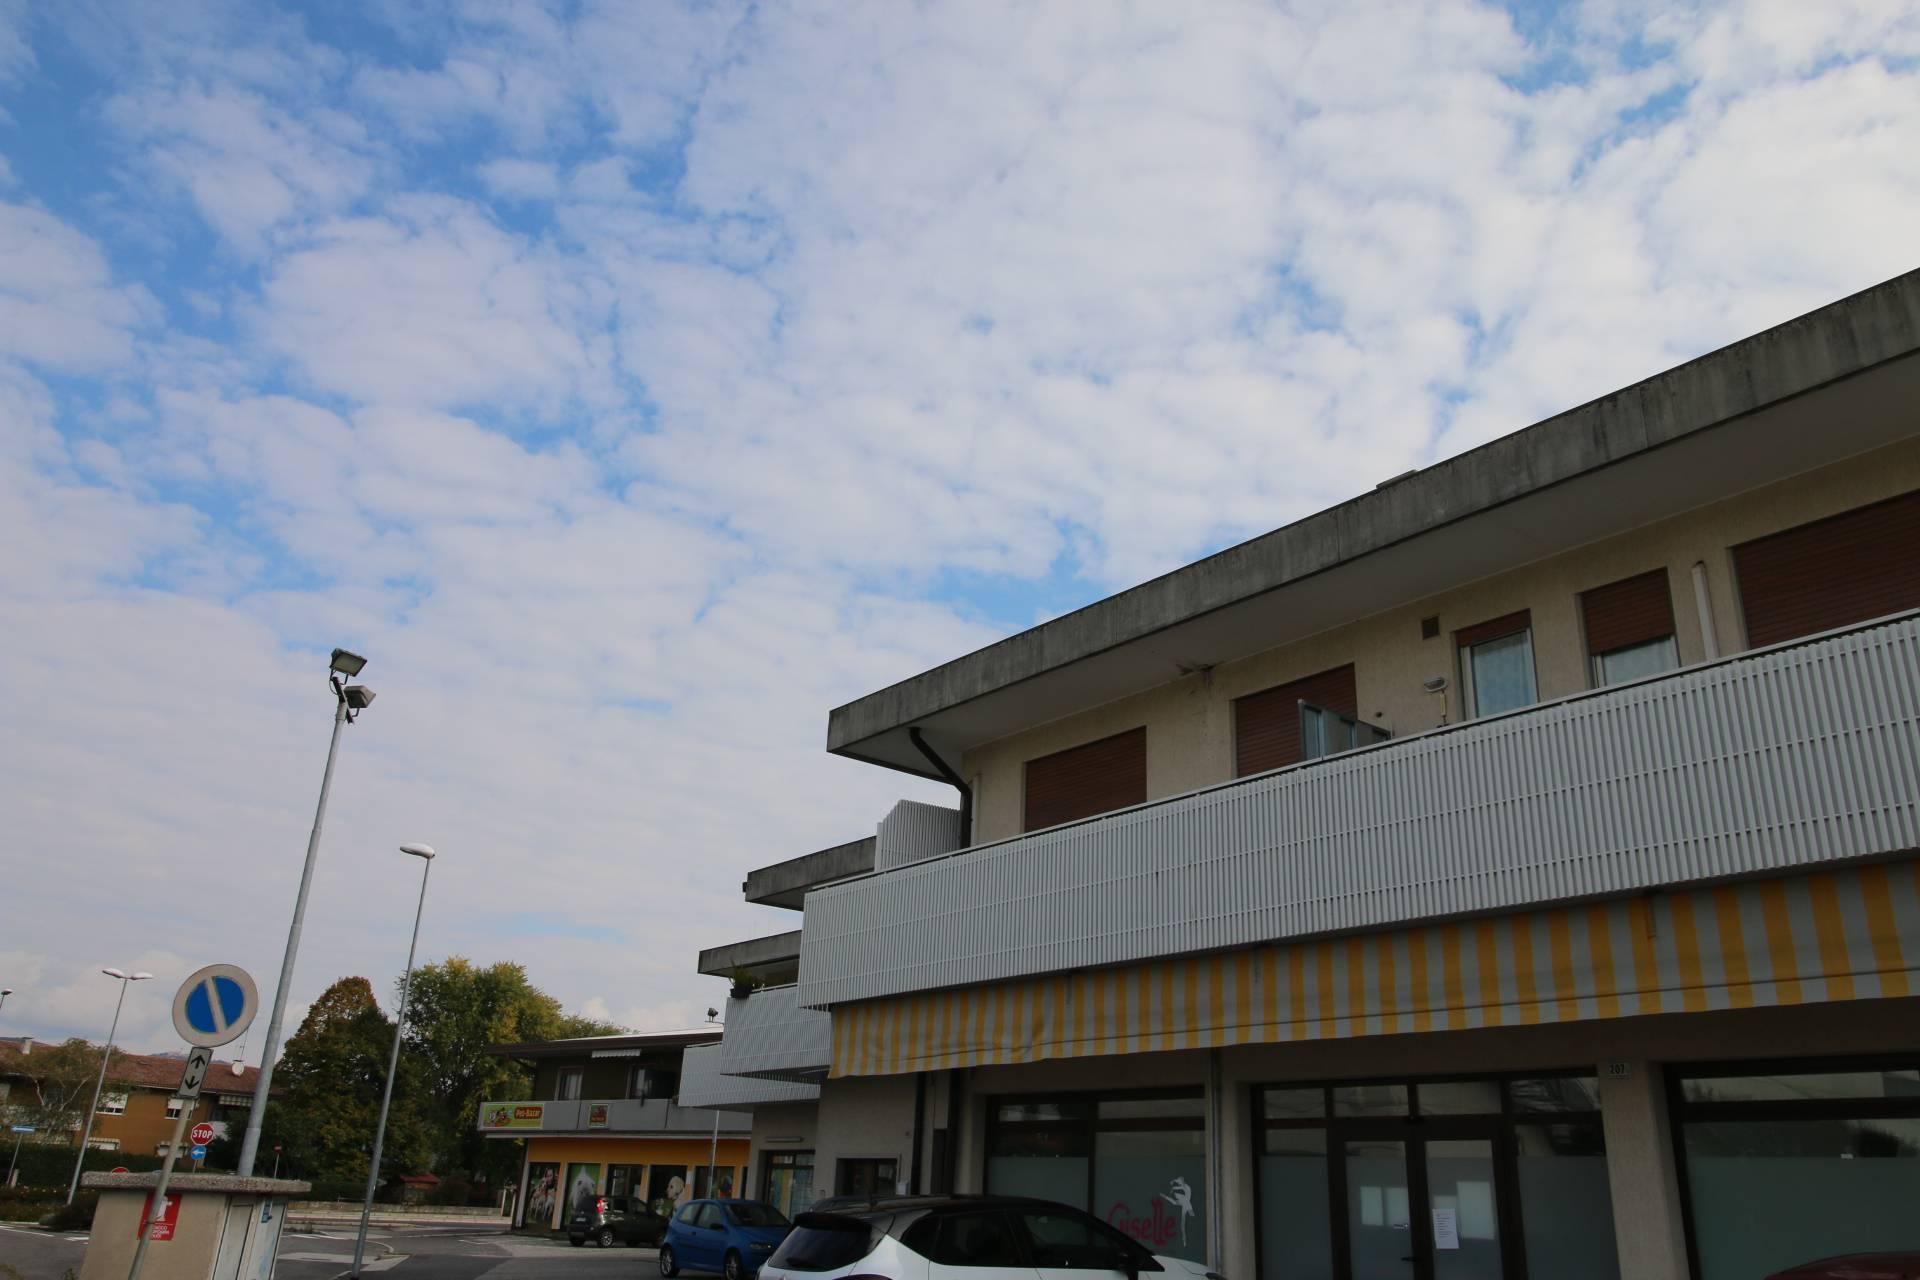 Ufficio / Studio in vendita a Gorizia, 9999 locali, zona Località: S.Anna, prezzo € 125.000 | CambioCasa.it